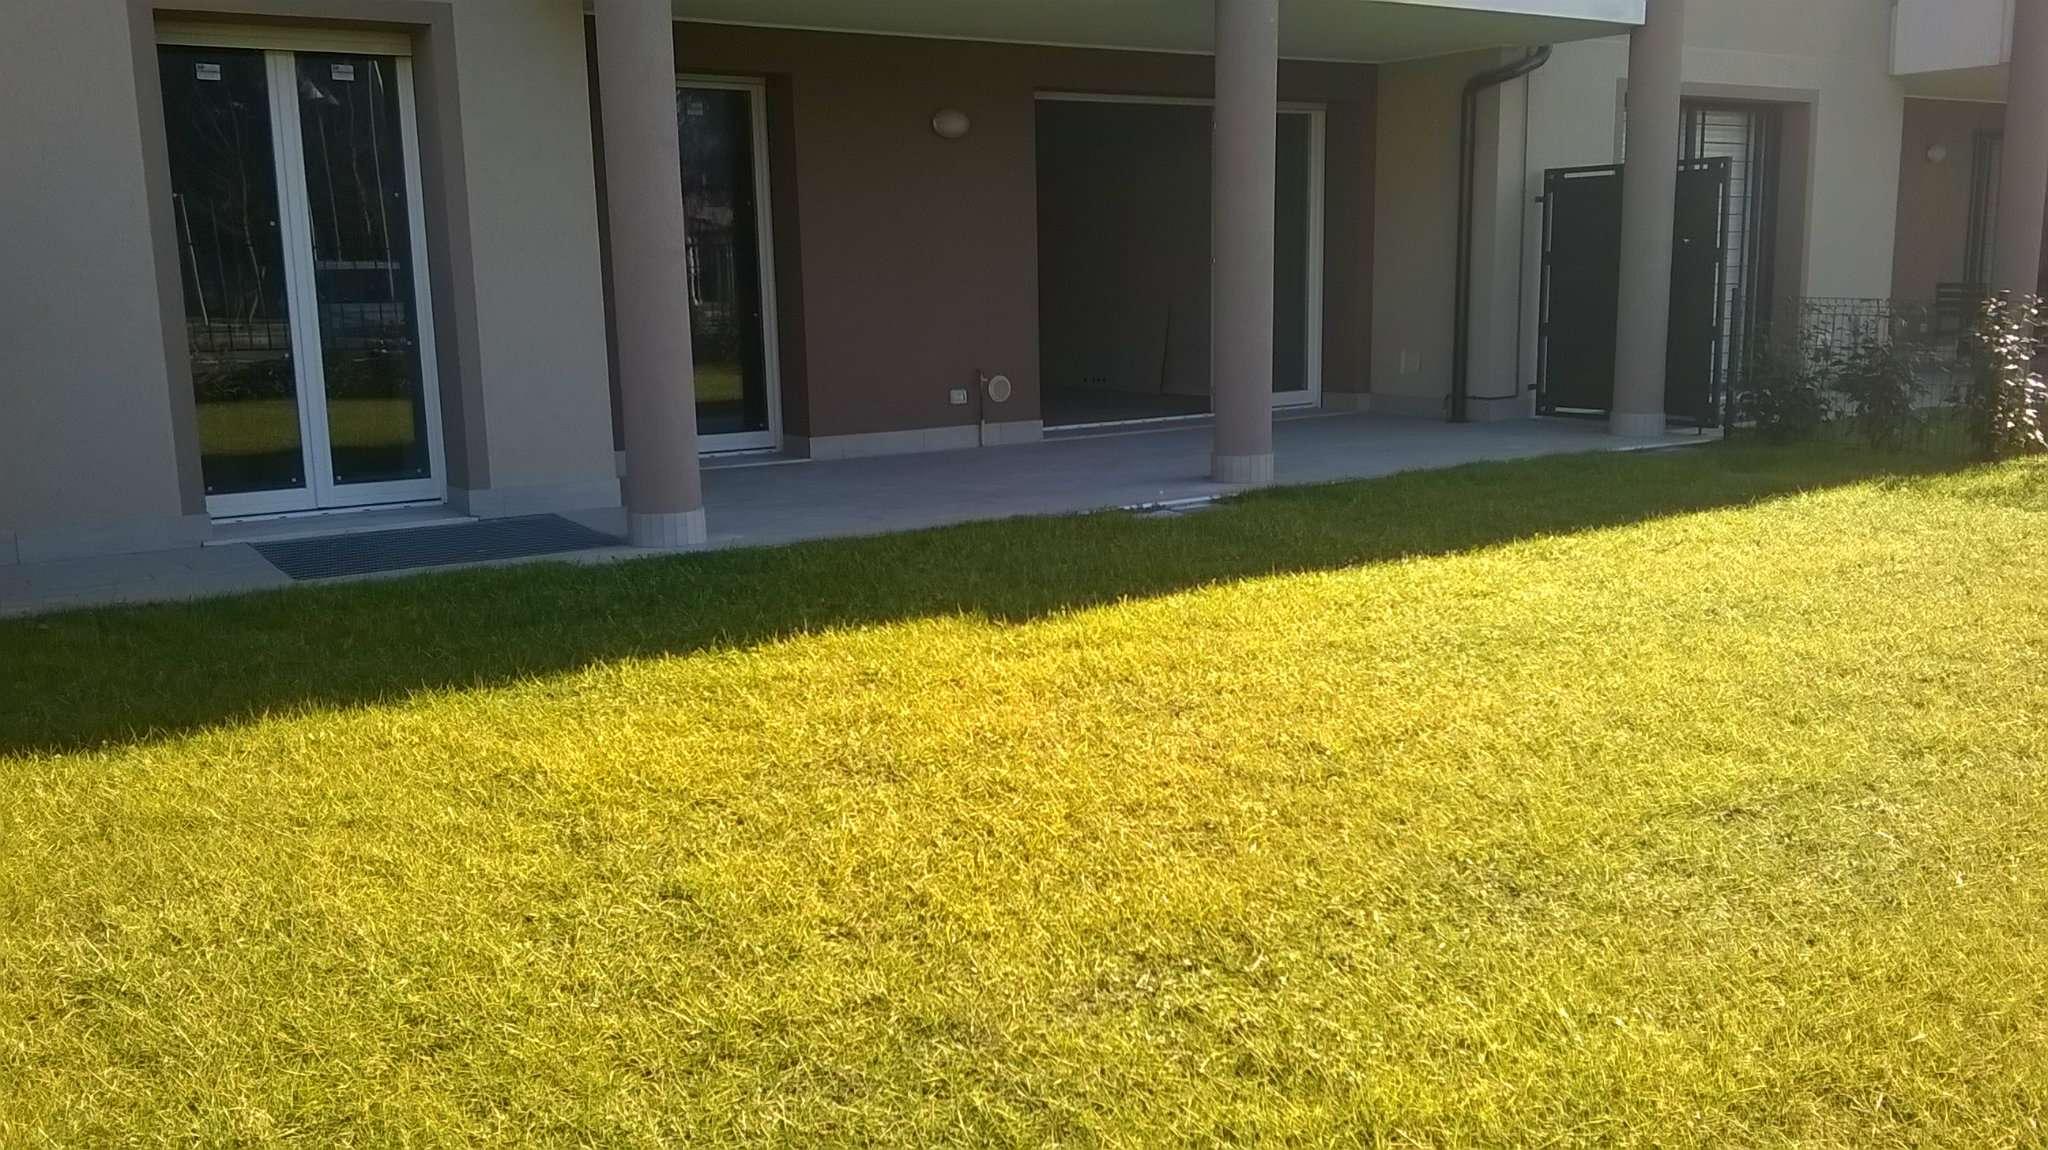 Appartamento in vendita a Cassina de' Pecchi, 2 locali, prezzo € 198.000 | CambioCasa.it